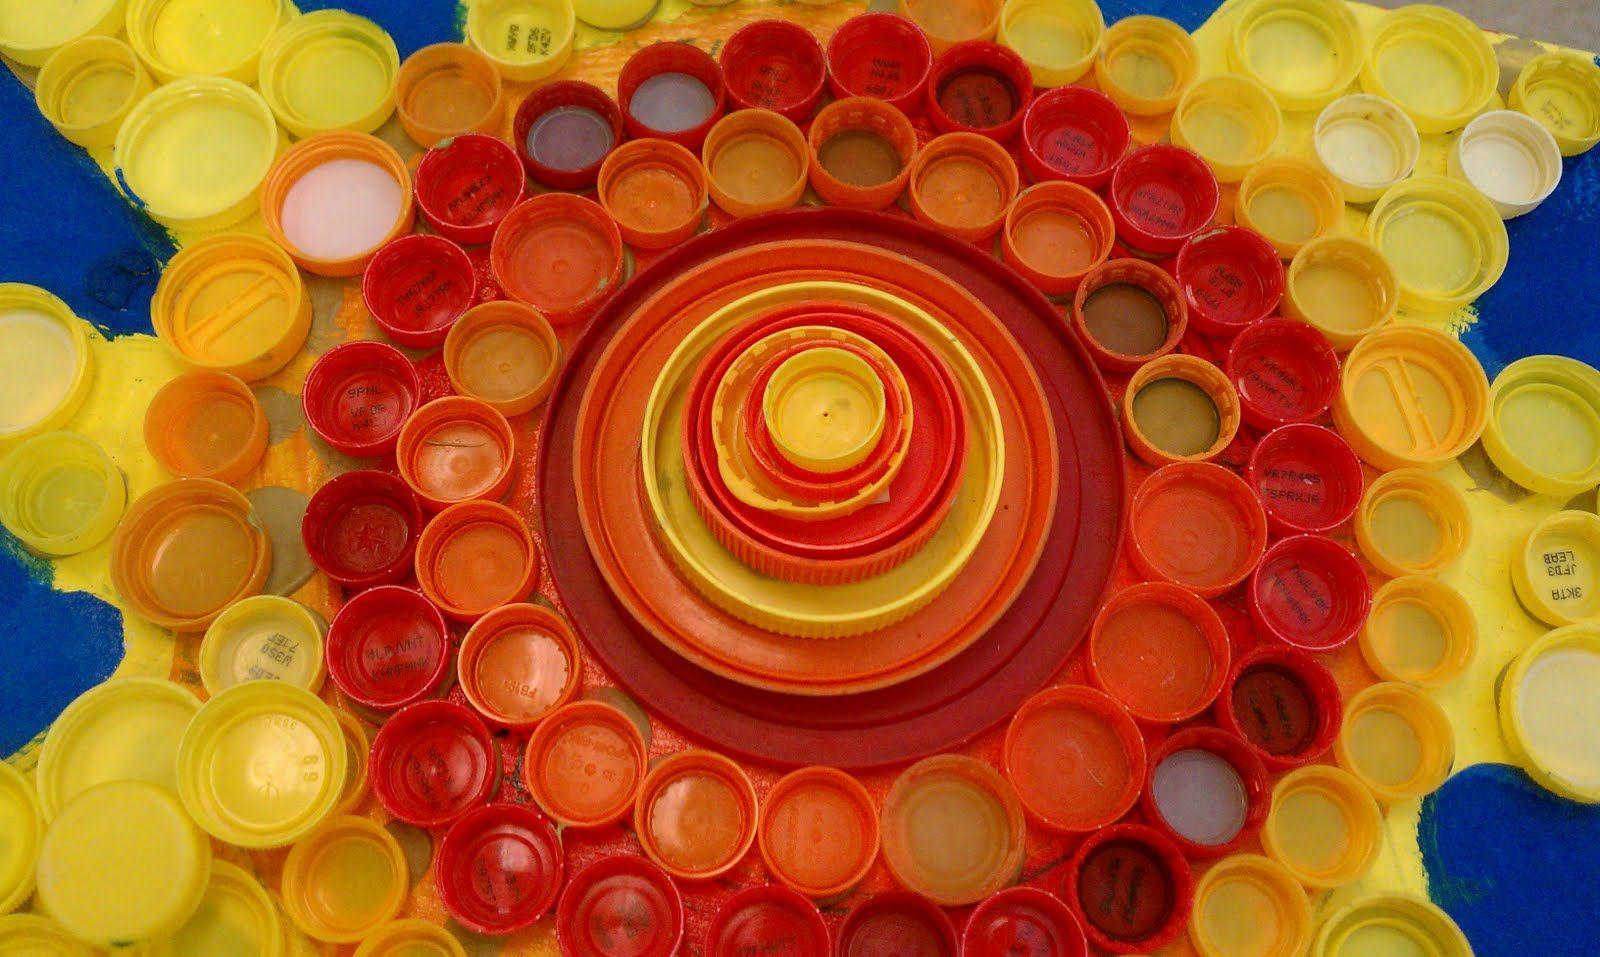 Bottle cap mural bottle cap mural ideas pinterest for Bottle cap mural tutorial